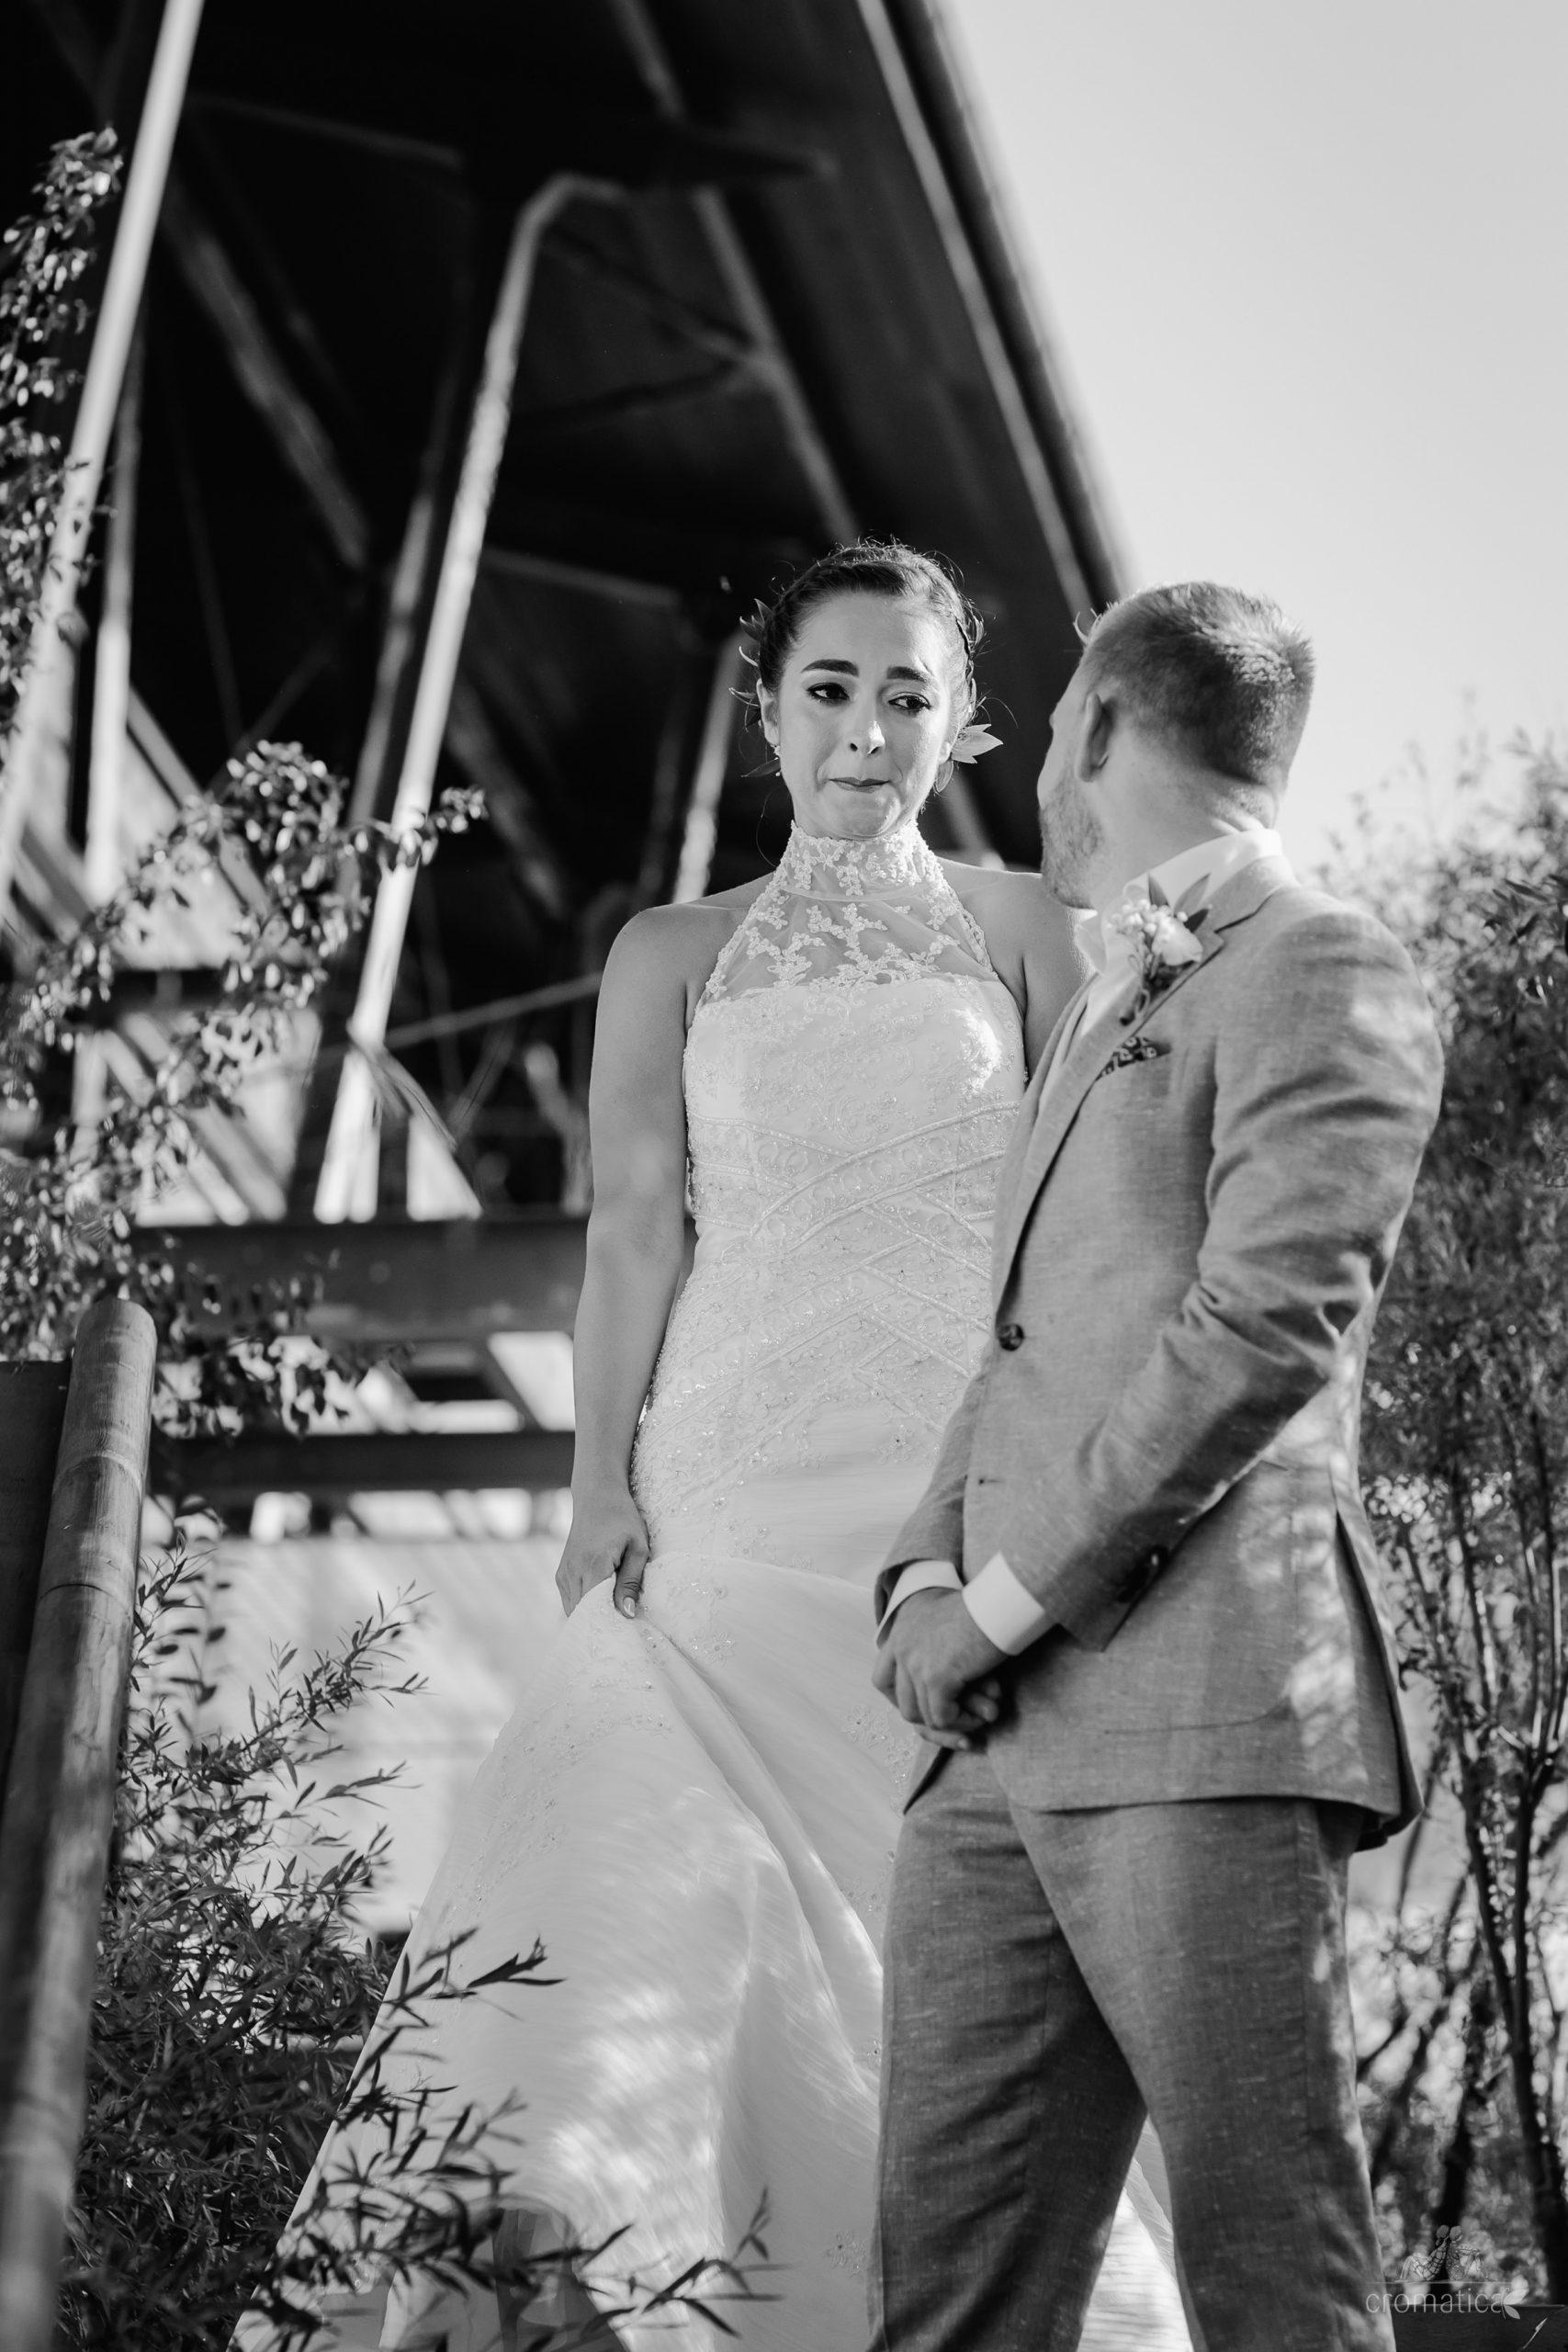 georgiana robert fotografii nunta casa vlasia 031